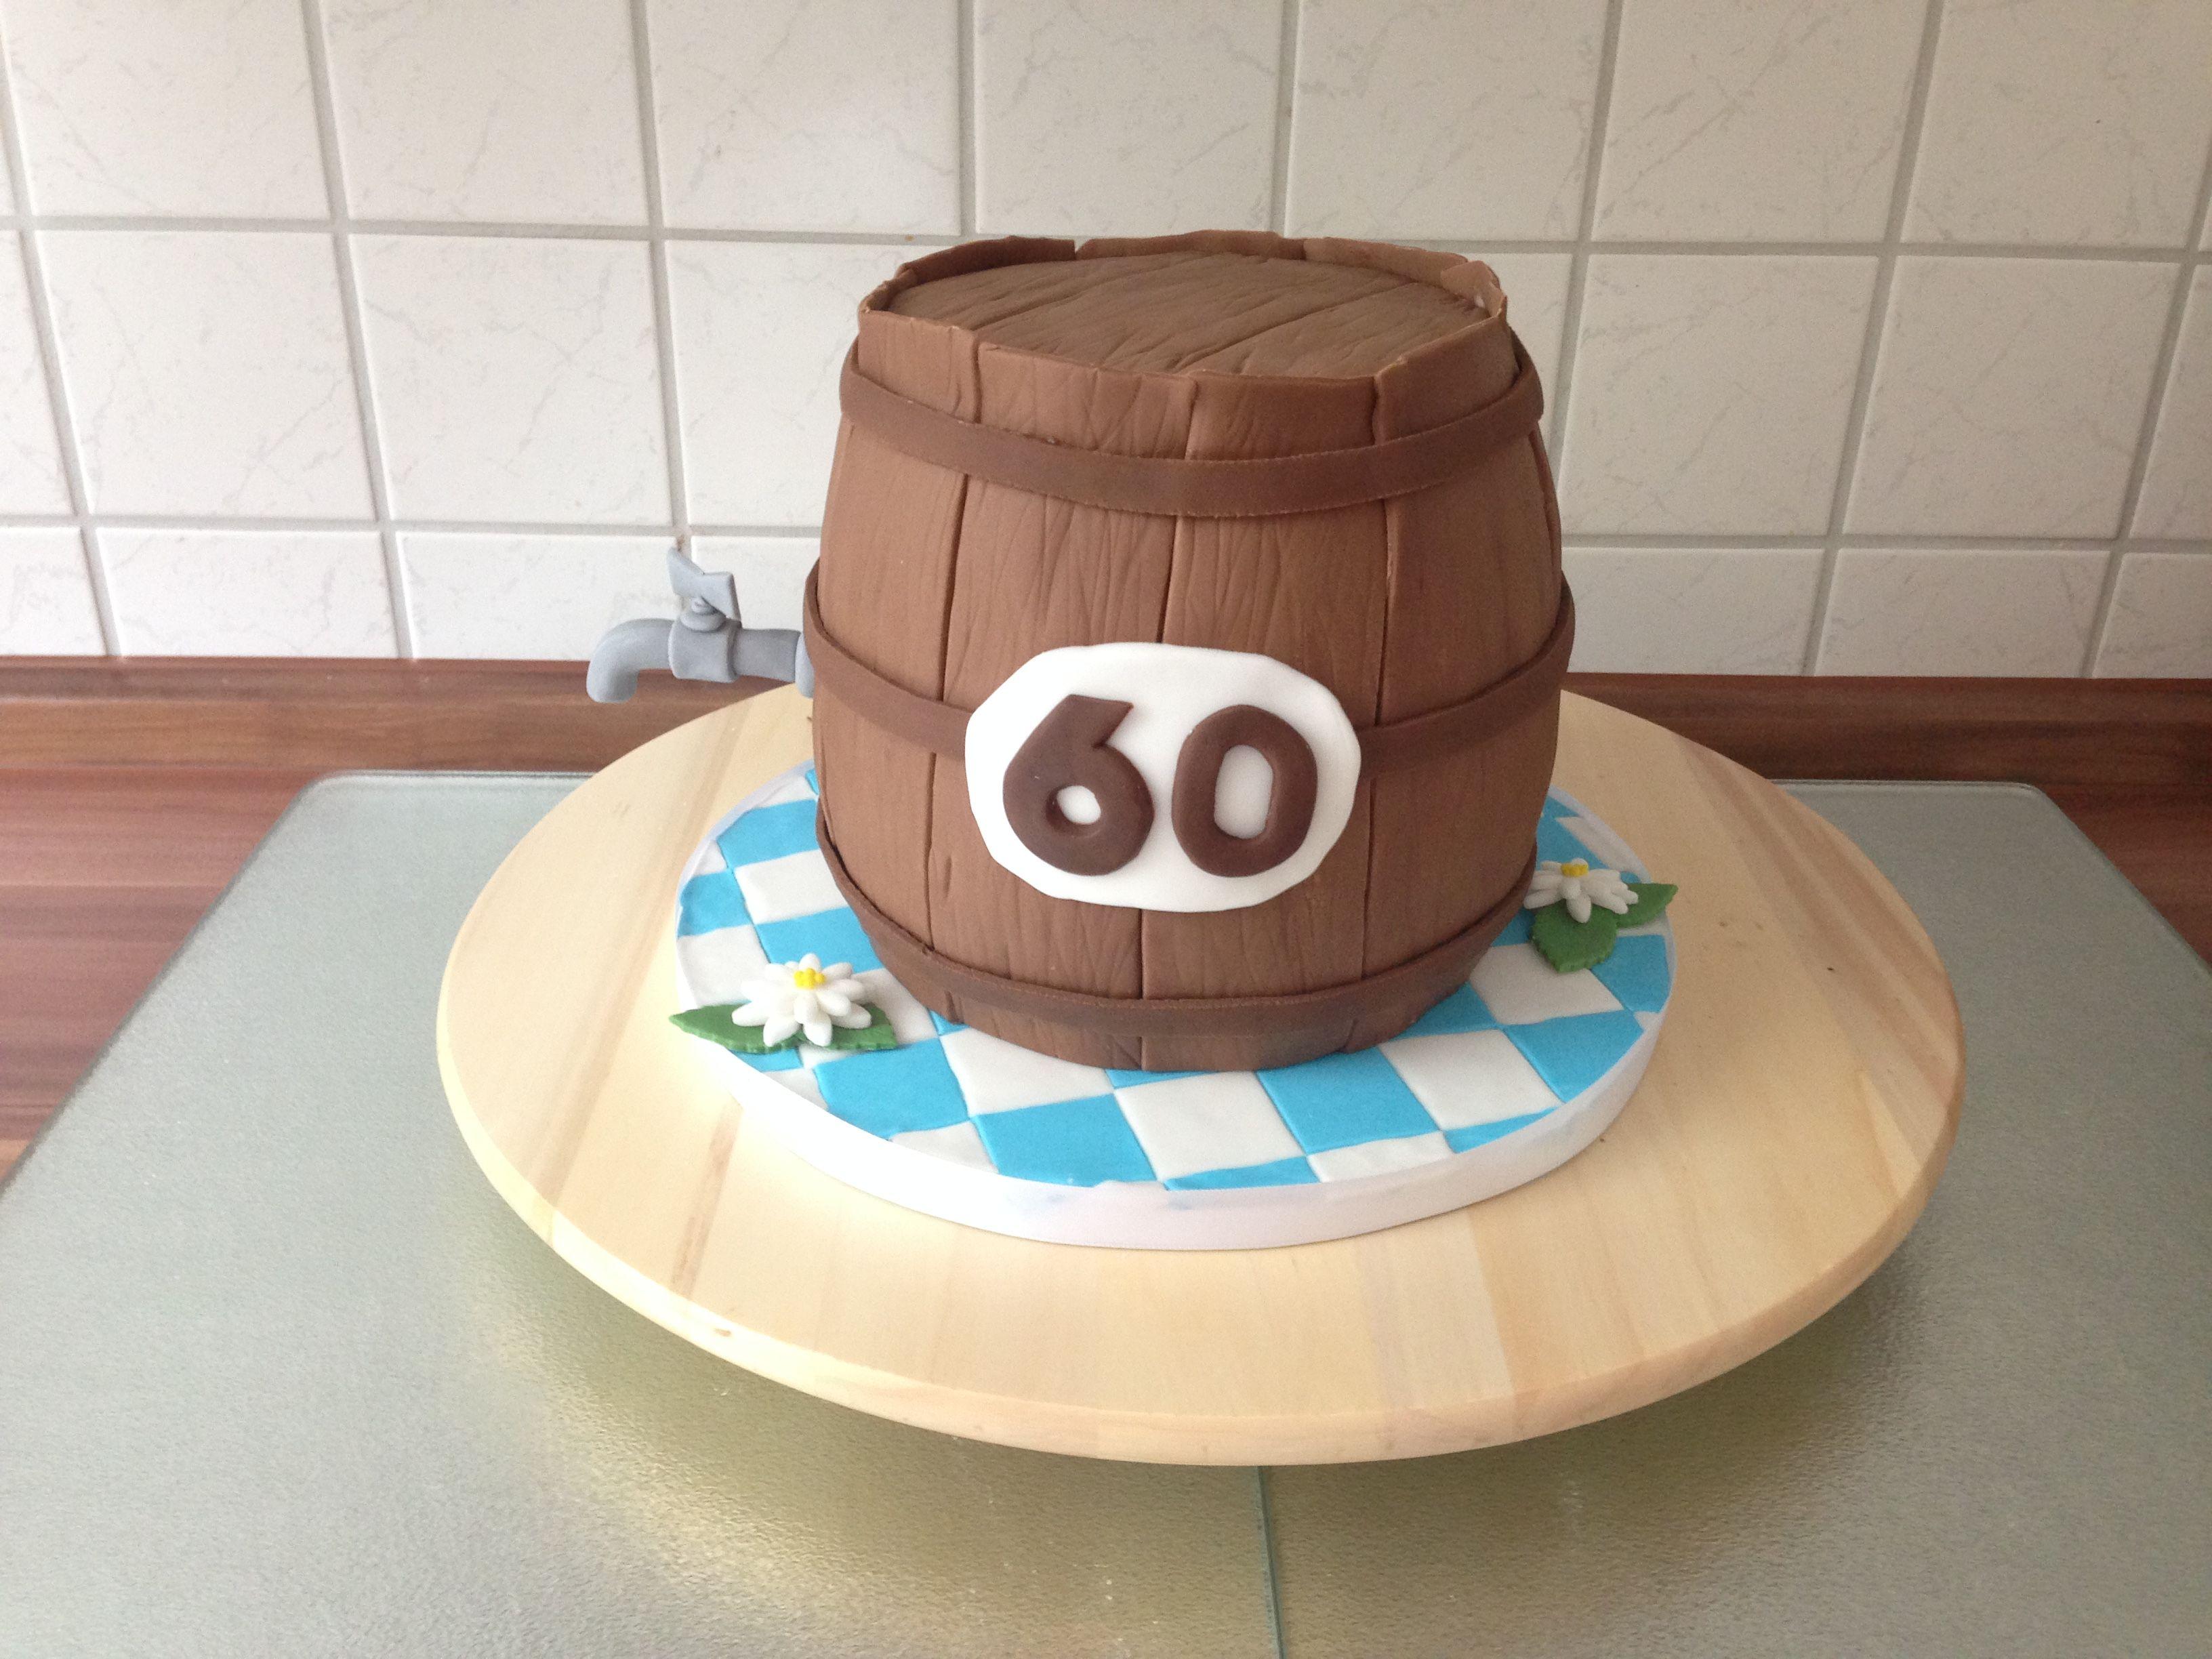 Bierfass Torte Kuchen Fasstorte Bierfass Edelweiss Blume Und Zapfhahn Aus Fondant Torte Zum Geburtstag 60 Torte Zum 60 Geburtstag Motivtorten Kuchen